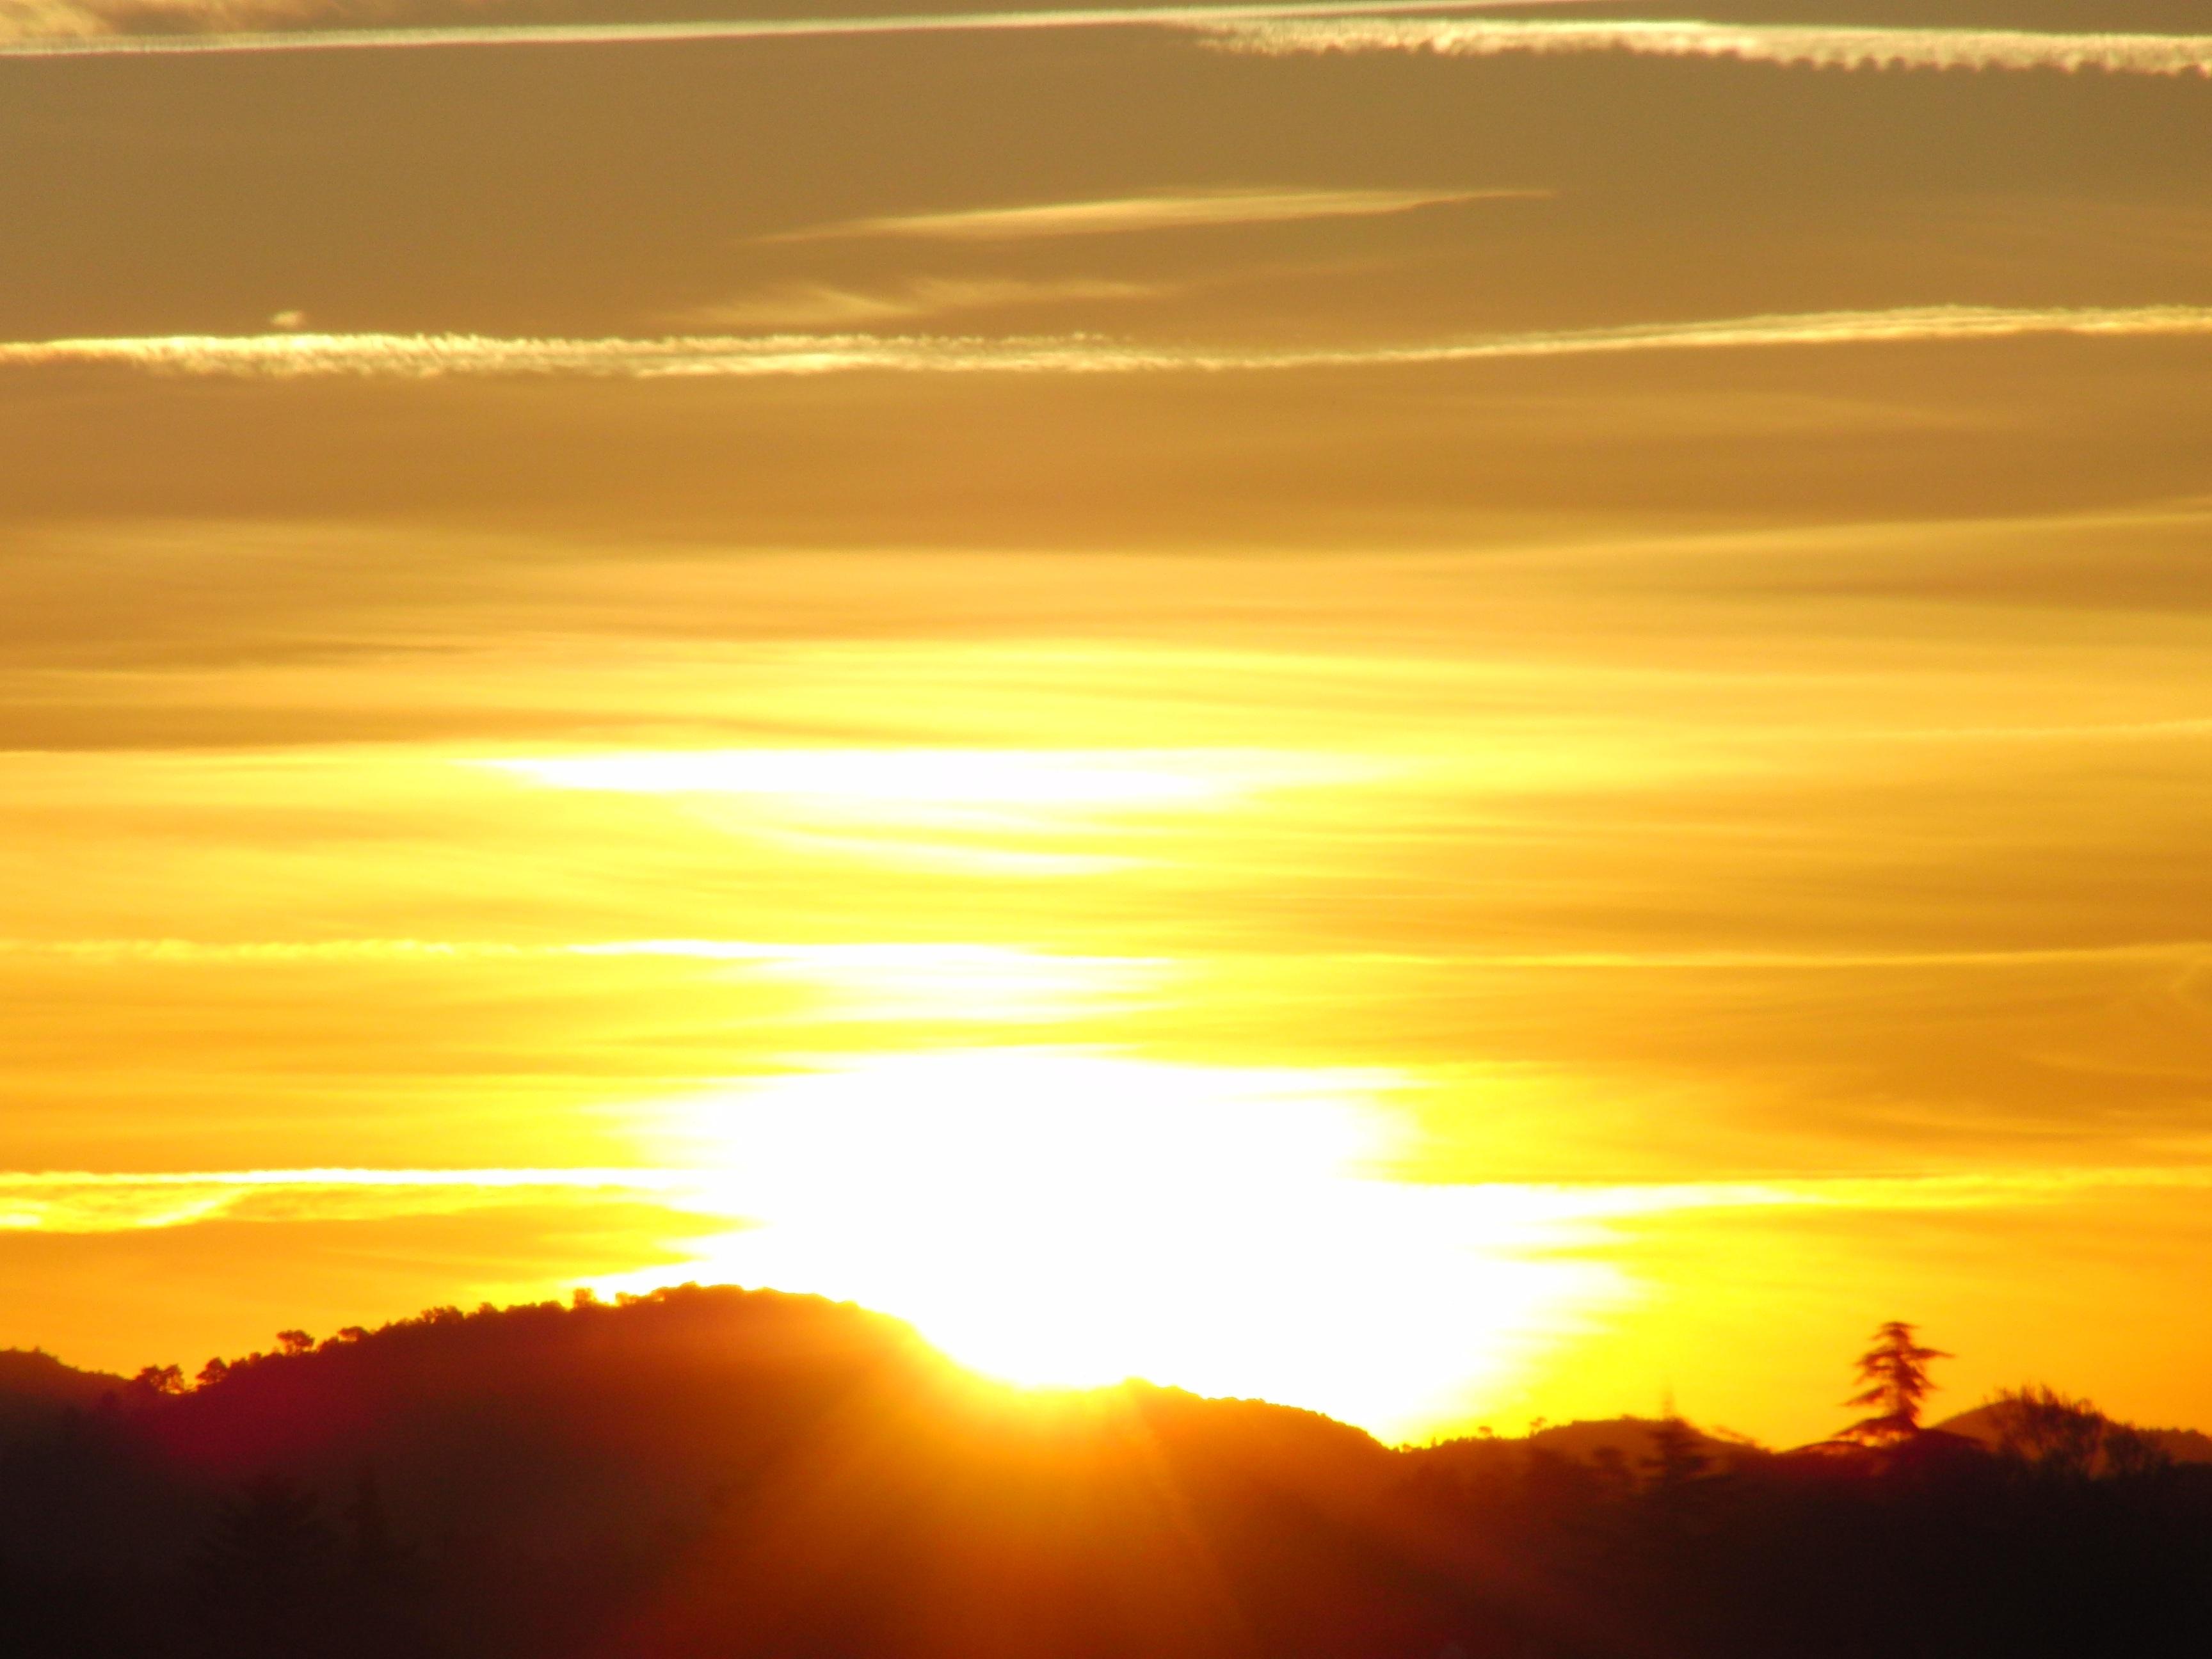 Fotos gratis paisaje horizonte nube cielo amanecer for Fondo del sol